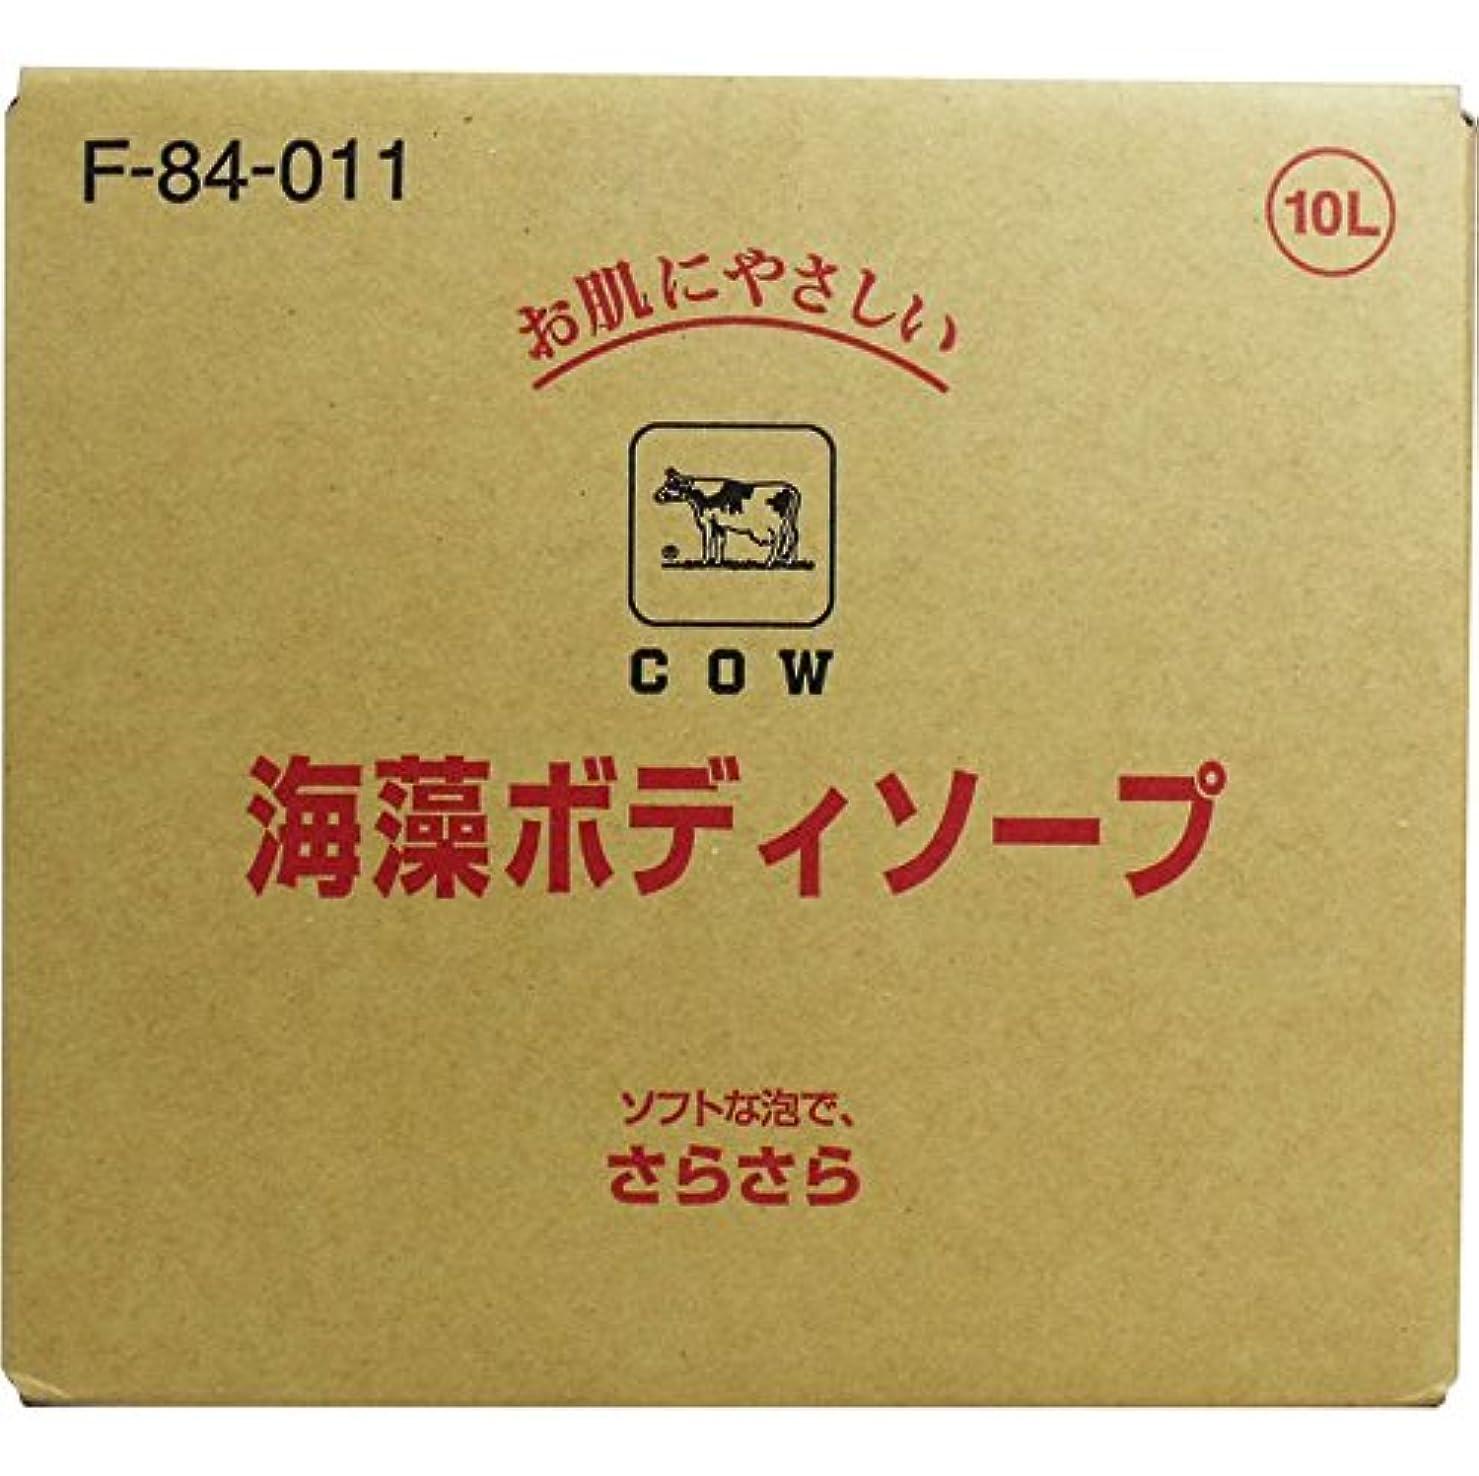 回復断言する強いボディ 石けん詰め替え さらさらした洗い心地 便利商品 牛乳ブランド 海藻ボディソープ 業務用 10L